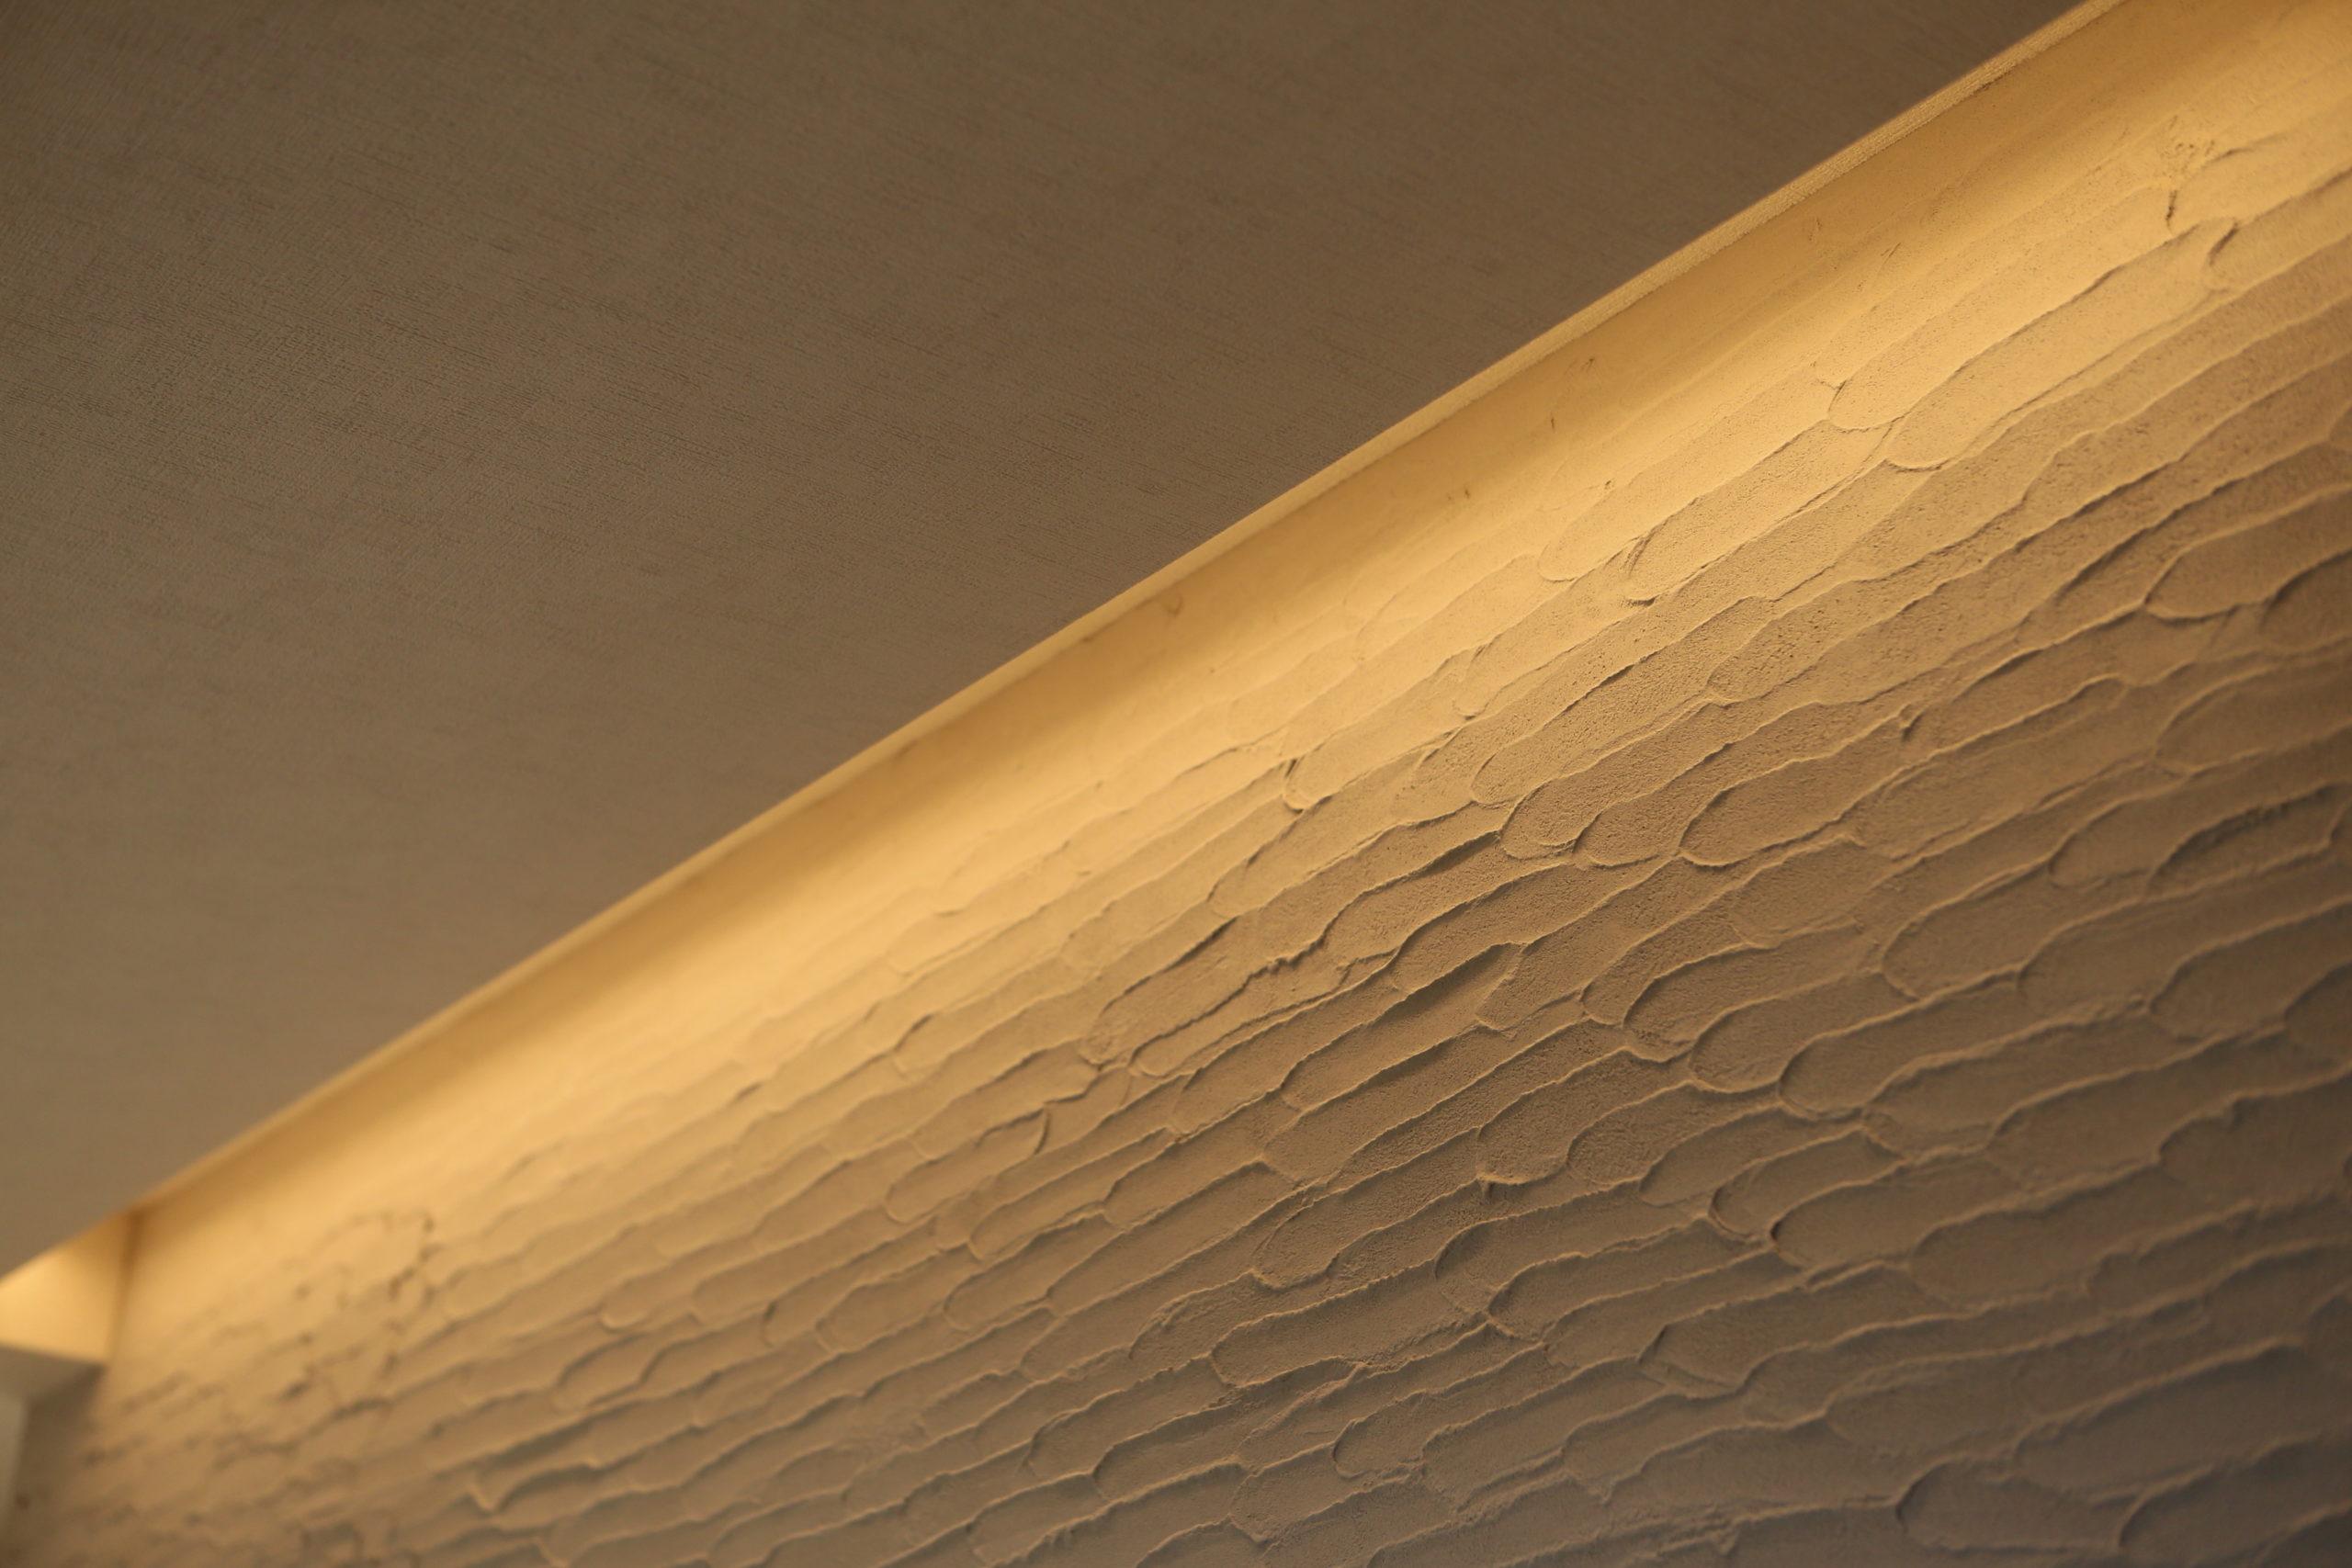 福山市の注文住宅|今井住建の施工事例ギャラリー「壁をおしゃれに演出する間接照明」